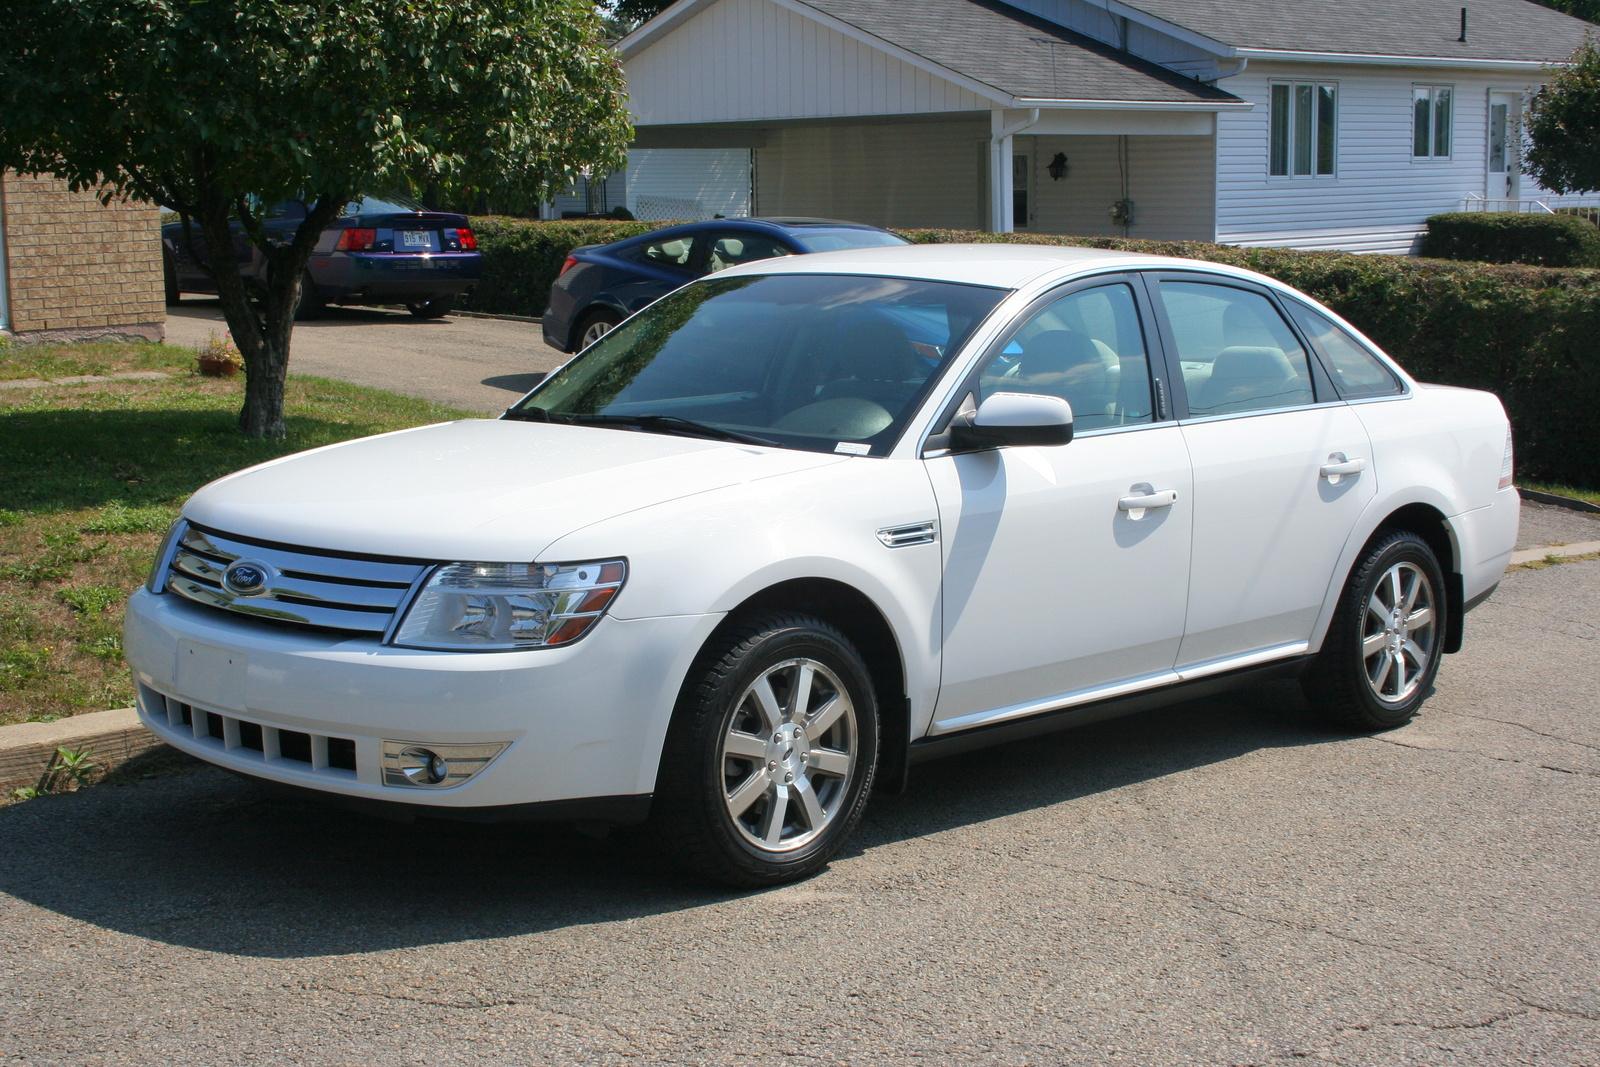 2008 Ford Taurus Exterior Pictures Cargurus